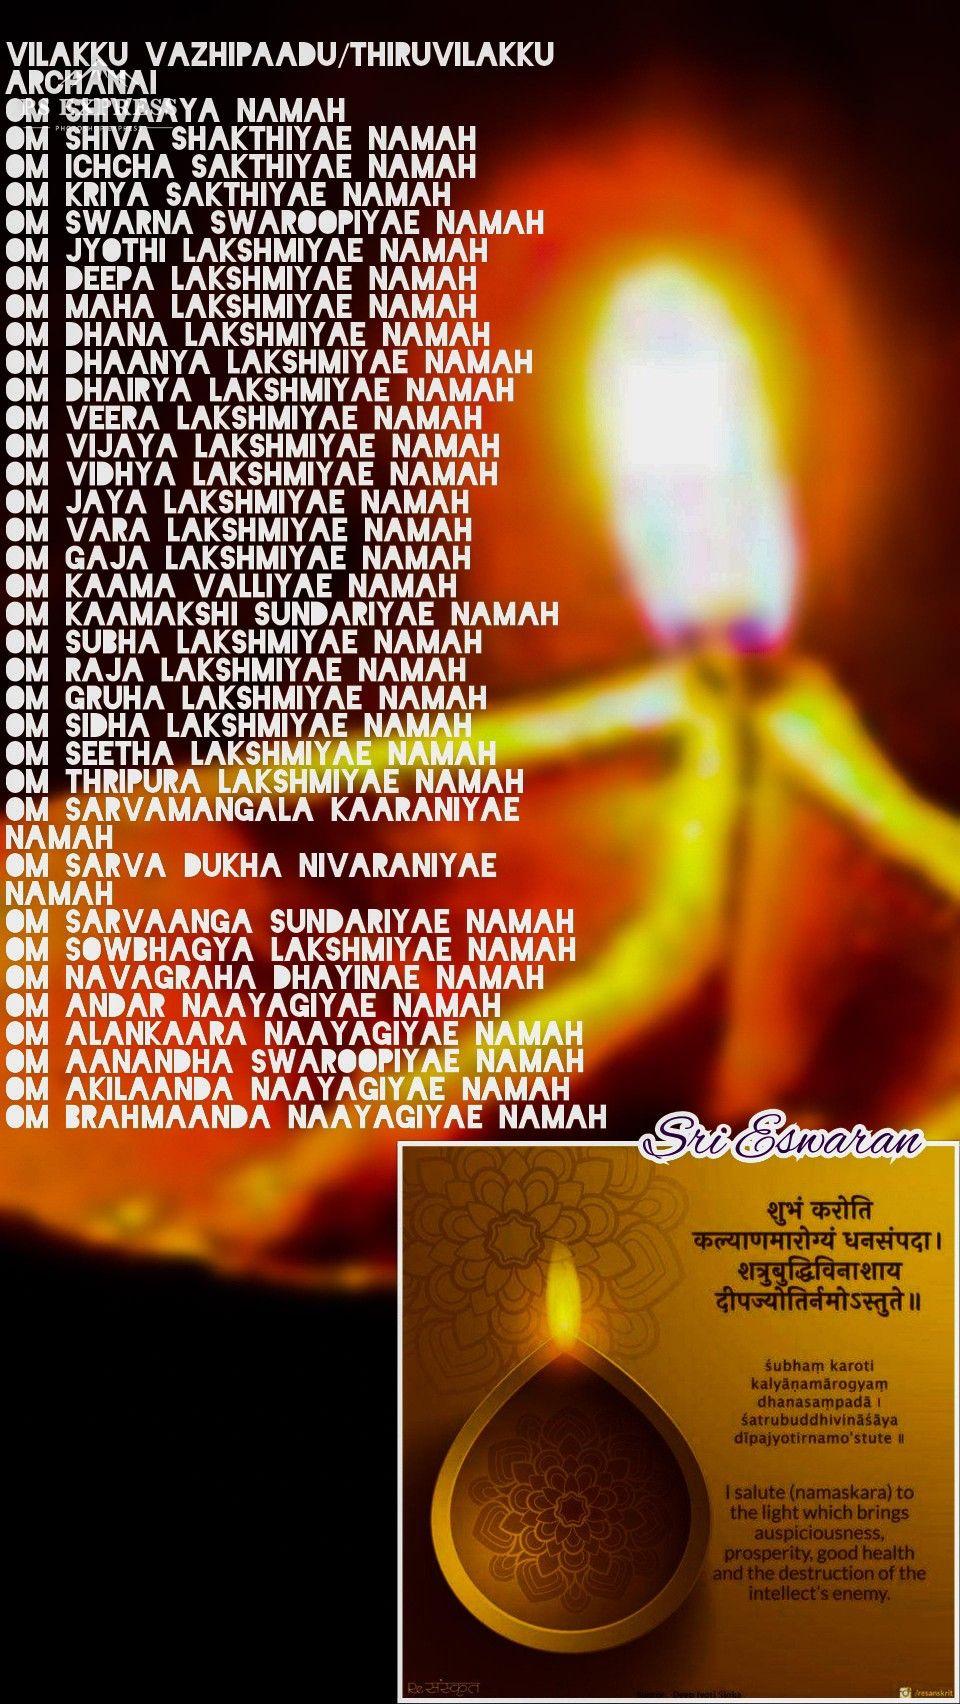 Vilakku Vazhipaadu Thiruvilakku Archanai Om Shivaaya Namah Om Shiva Shakthiyae Namah Om Ichcha Sakthiyae Namah Om Kriya S Sanskrit Mantra Hindu Mantras Mantras